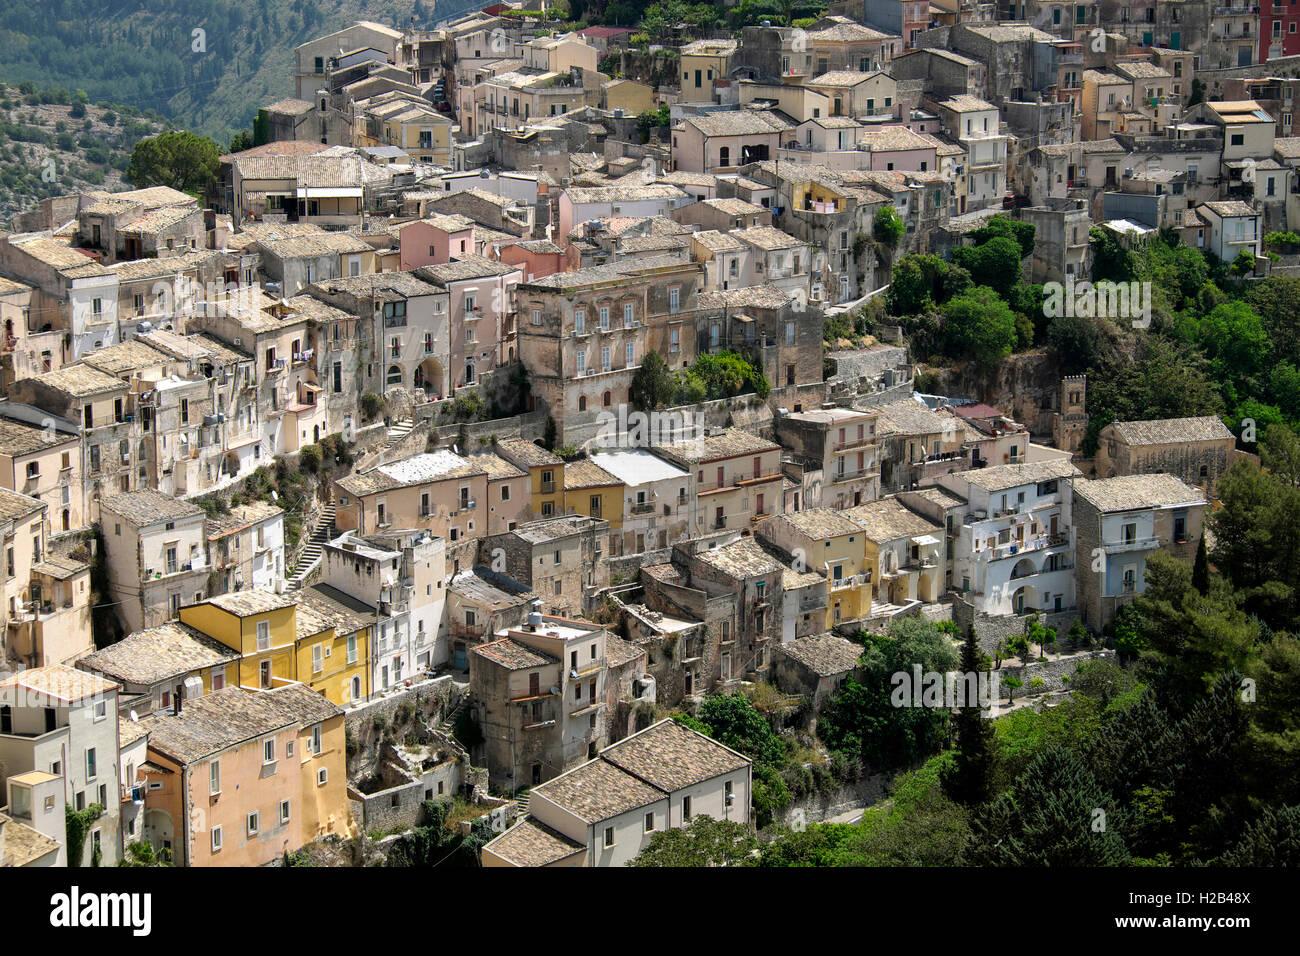 Das historische Zentrum von Ragusa Ibla, Sizilien, Italien Stockbild